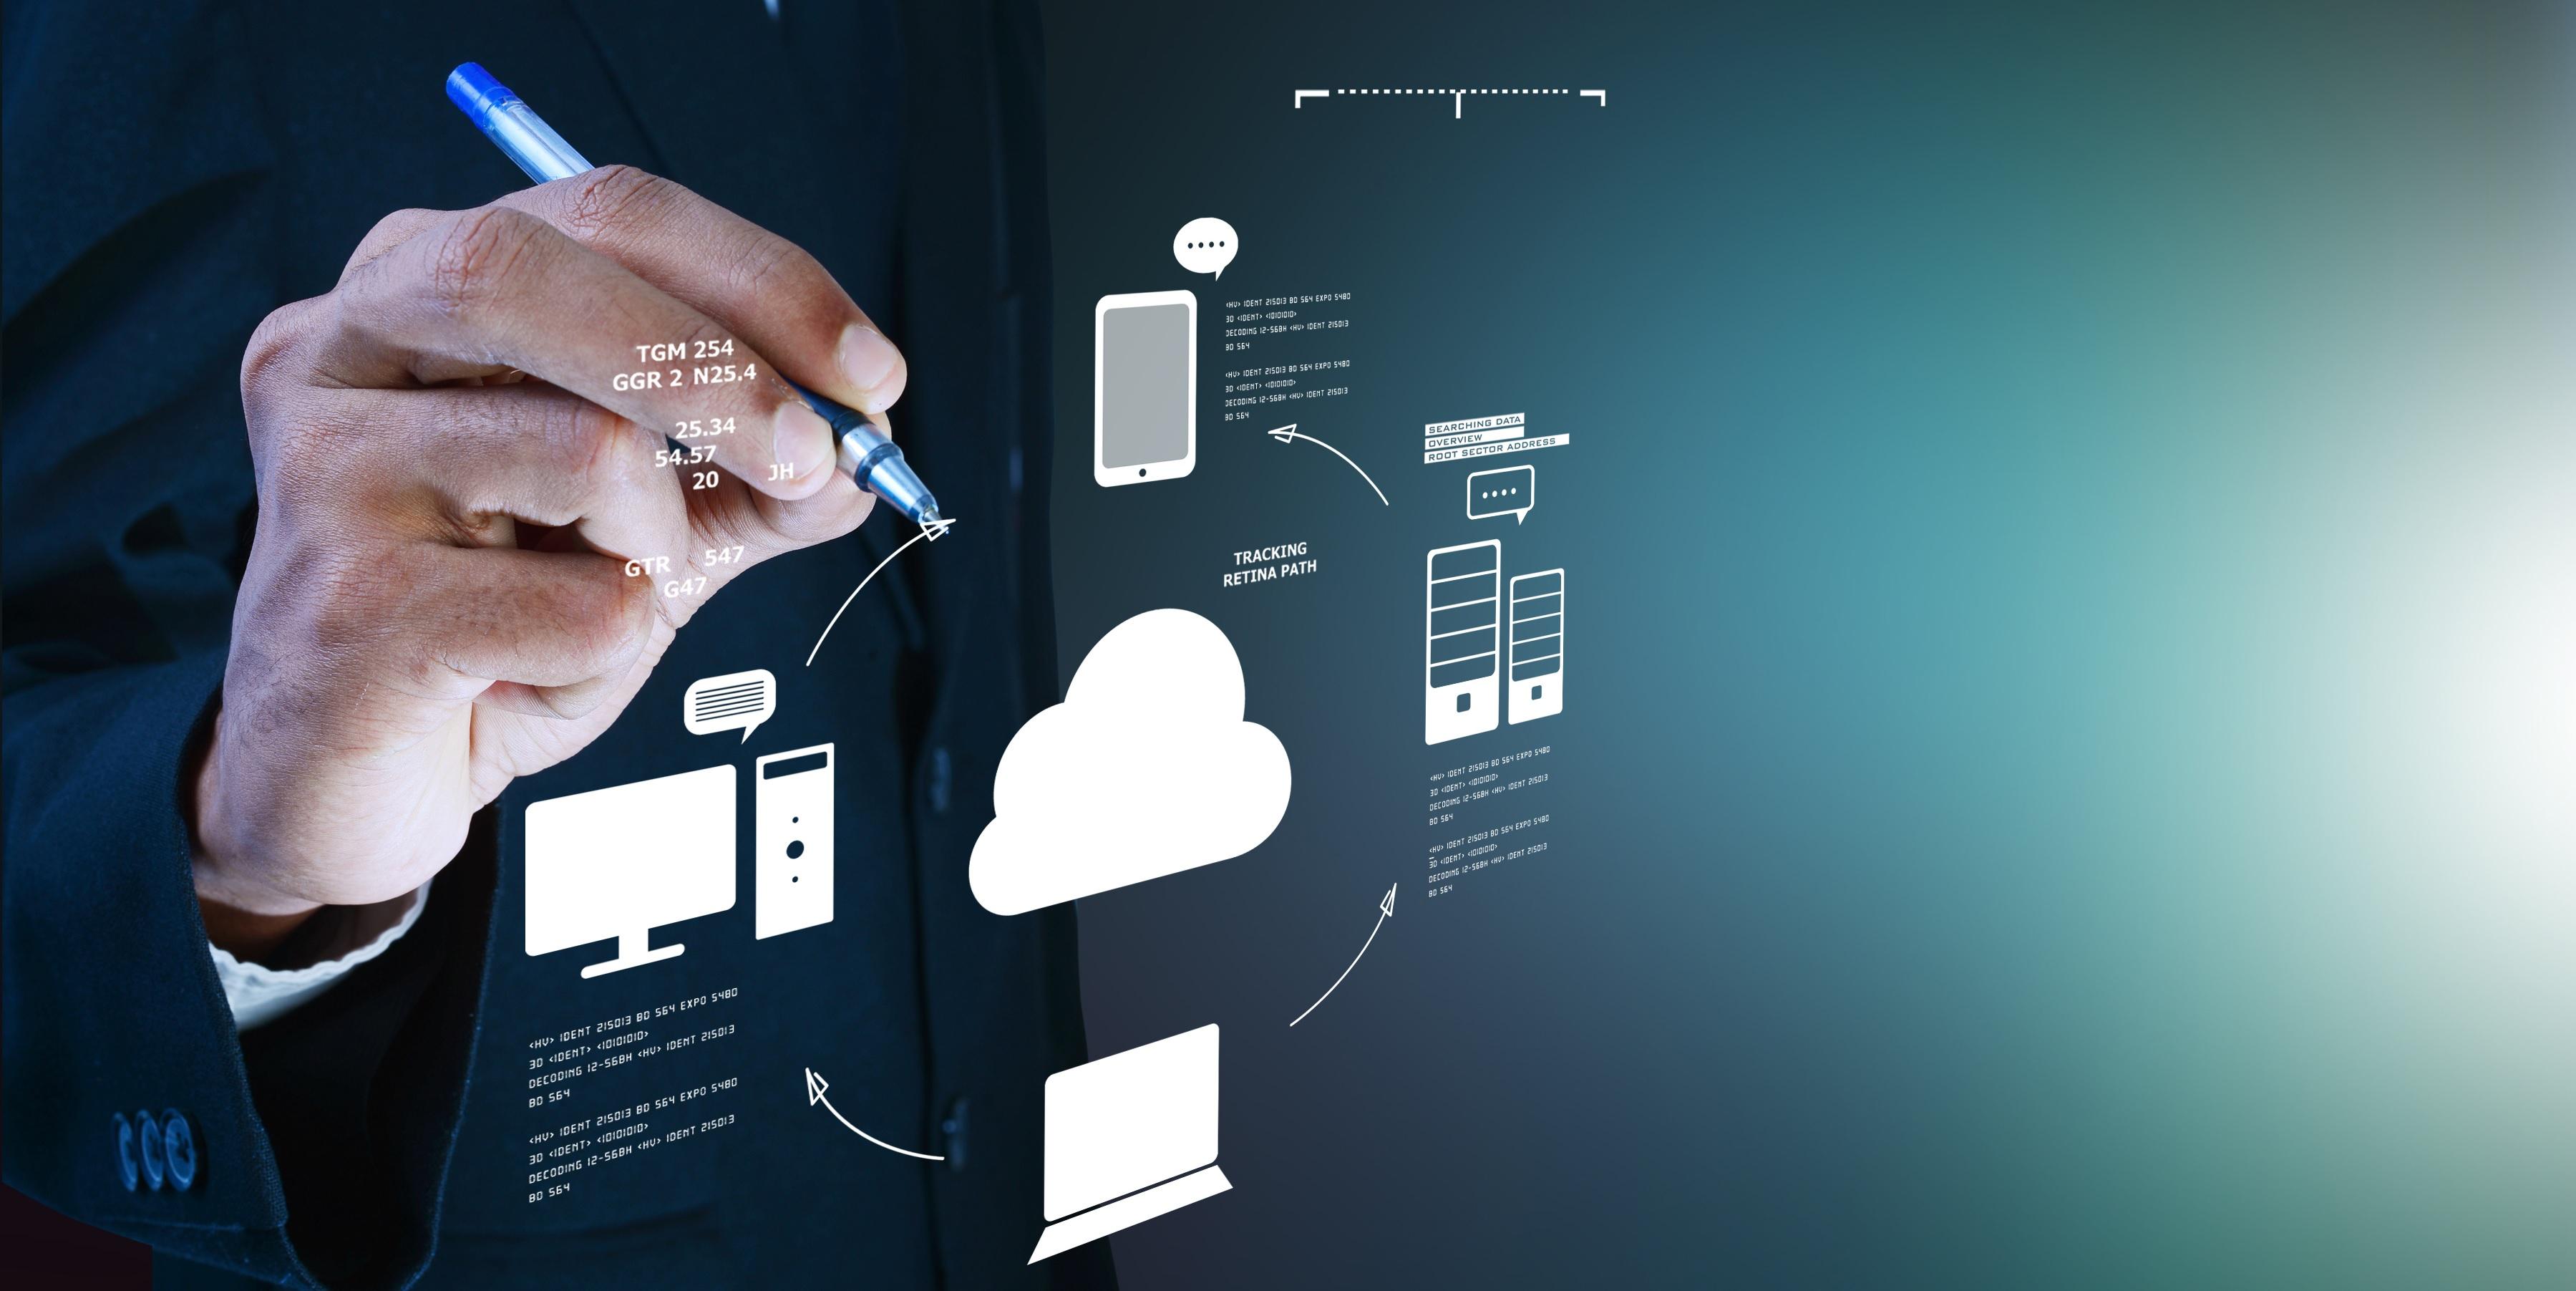 Điện toán đám mây (cloud computing) là gì ? - Hocban.vn